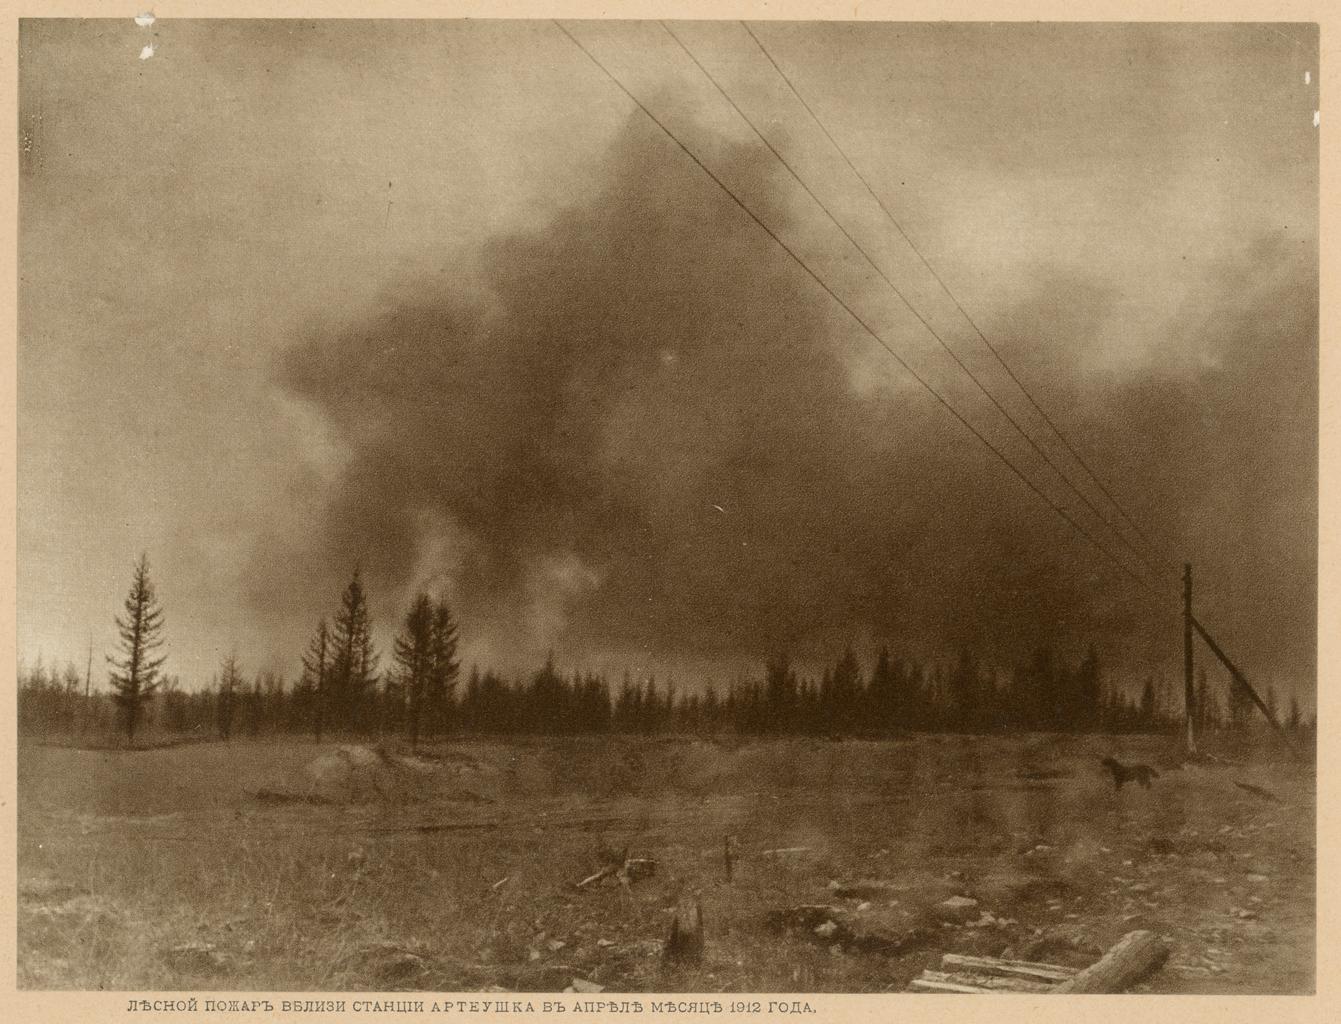 Лесной пожар вблизи станции Артеушка в апреле месяце 1912 года